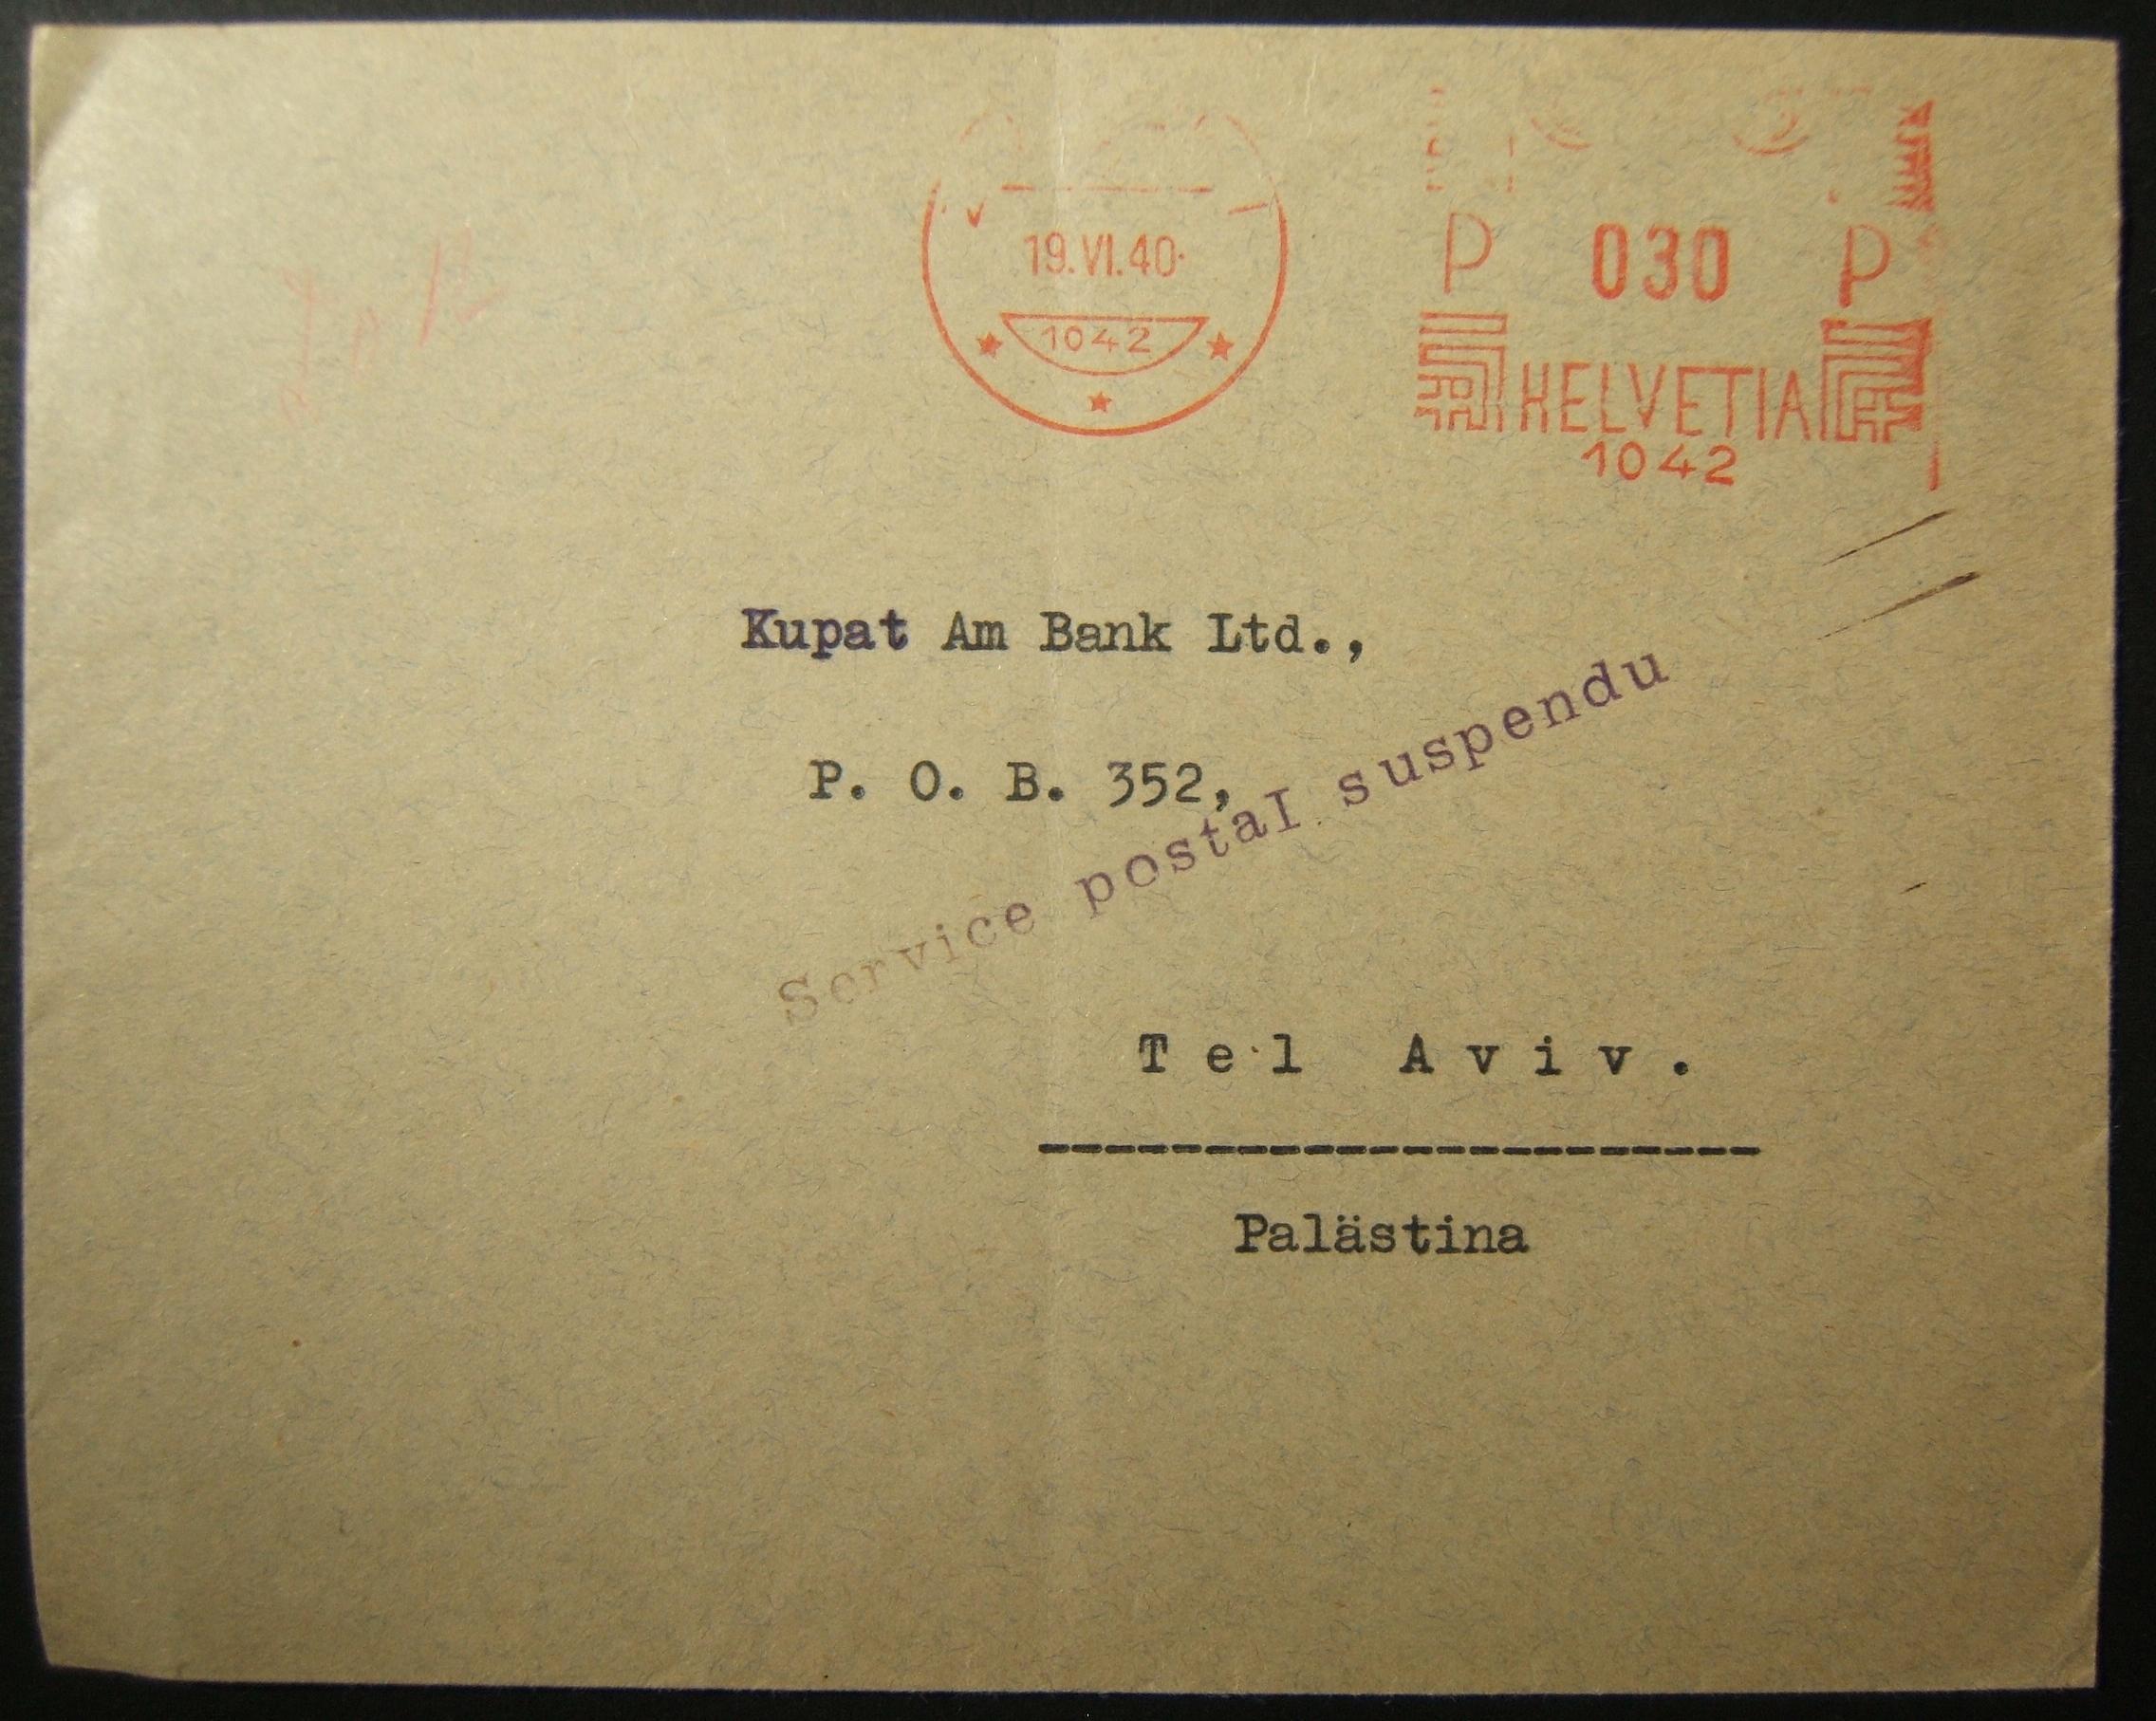 19-06-1940 الحرب العالمية الثانية: علقت فرنسا سقوط خدمة البريد من زوريخ إلى تل أبيب عبر فرنسا